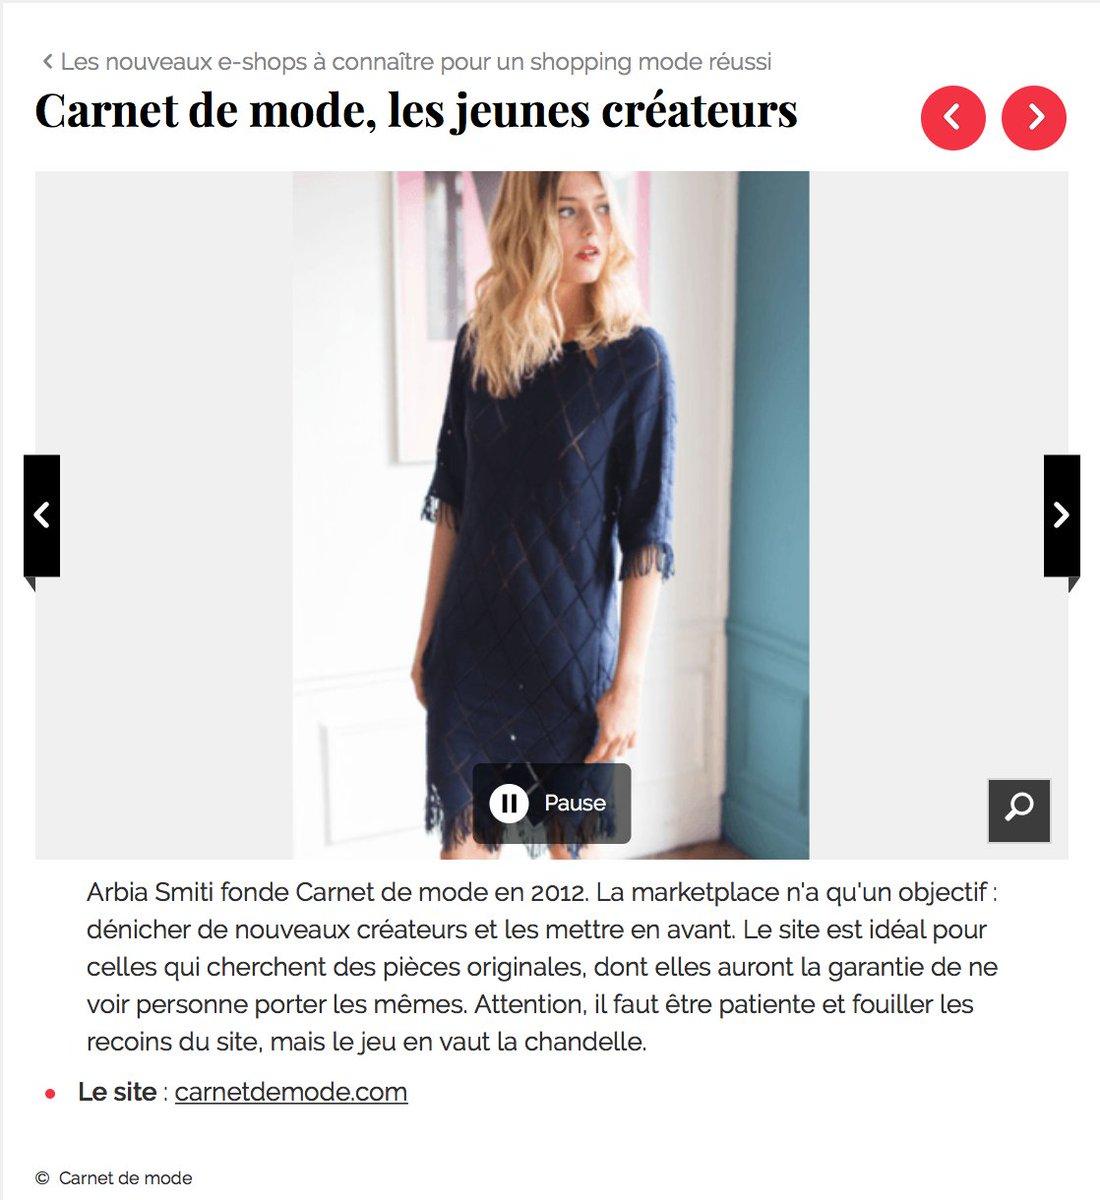 @Carnetdemode est dans la sélection des e-shops de @femmeactuelle 😍 https://t.co/leOdtBNXsg https://t.co/LnB05acw2z